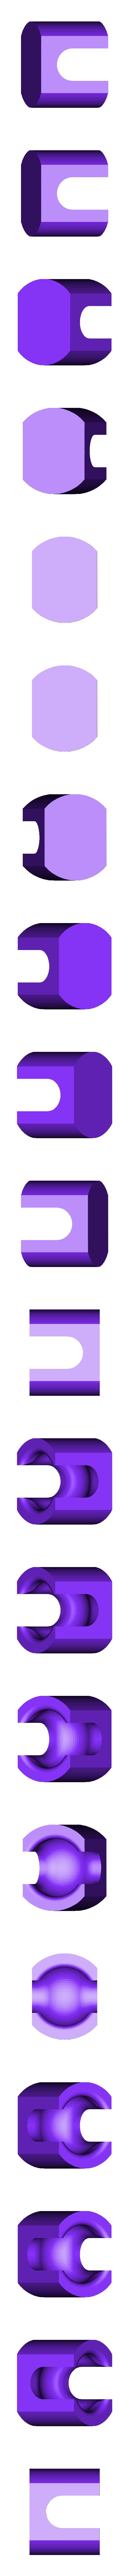 test_piece_socket.stl Télécharger fichier STL gratuit Joystick PS4 • Design à imprimer en 3D, Osichan